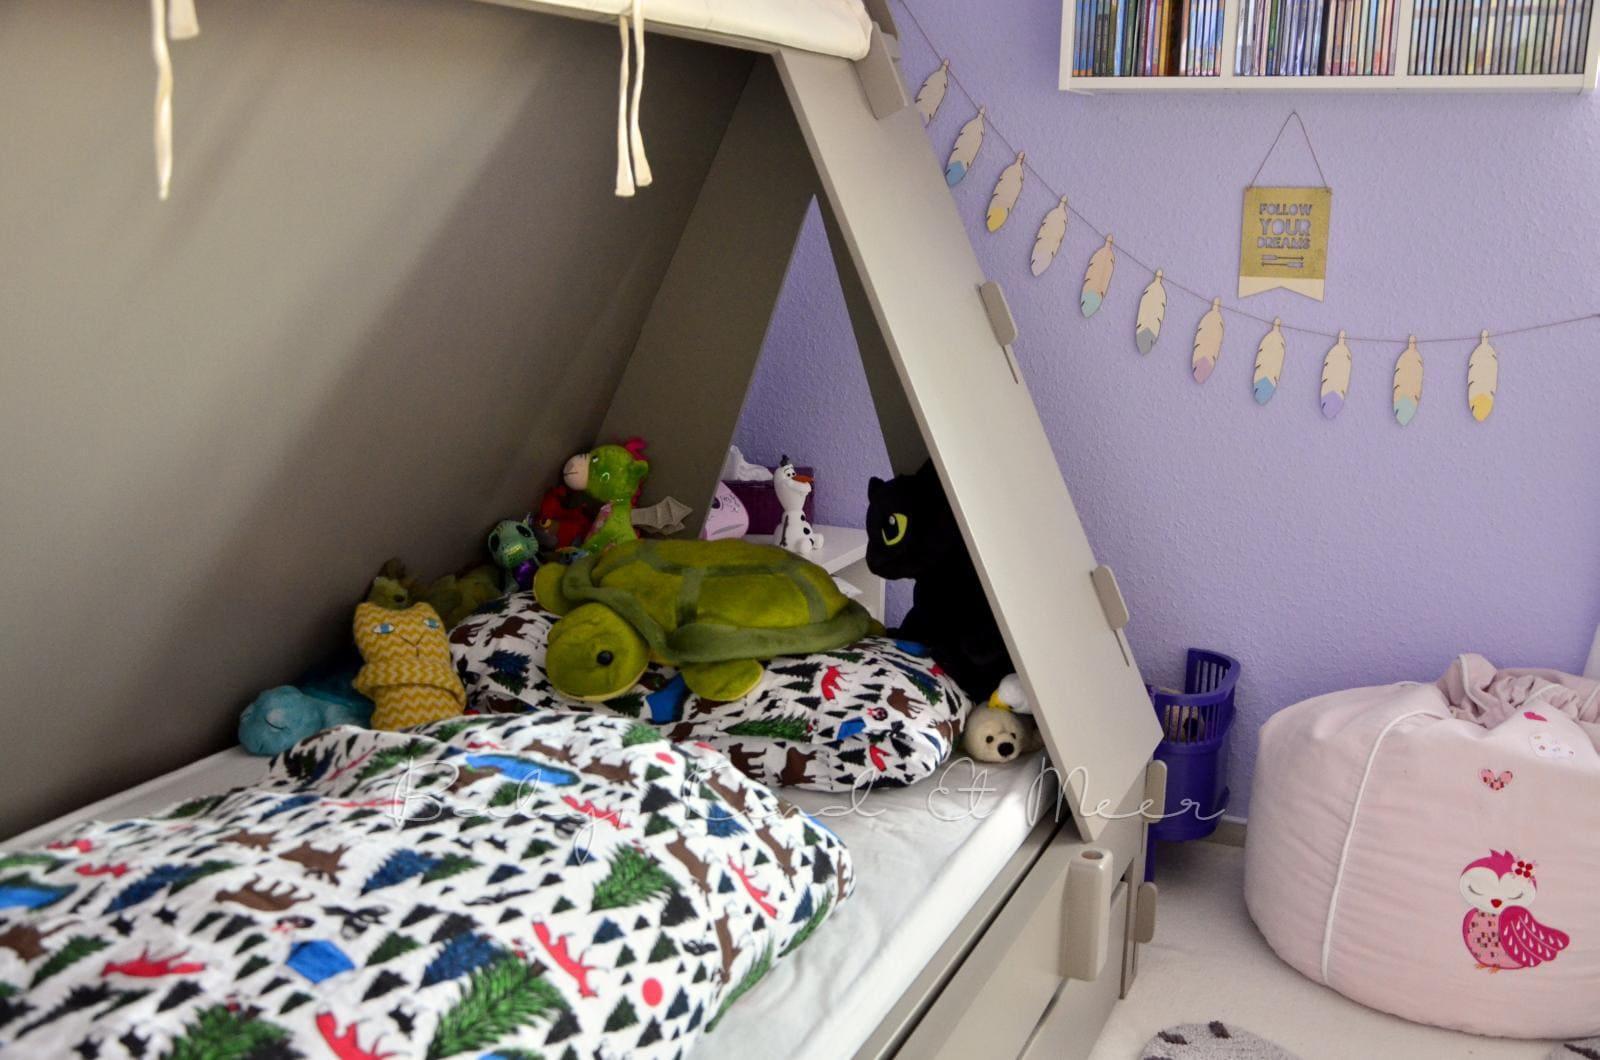 Unsere neuen kinderzimmer   interior design & furniture, family ...